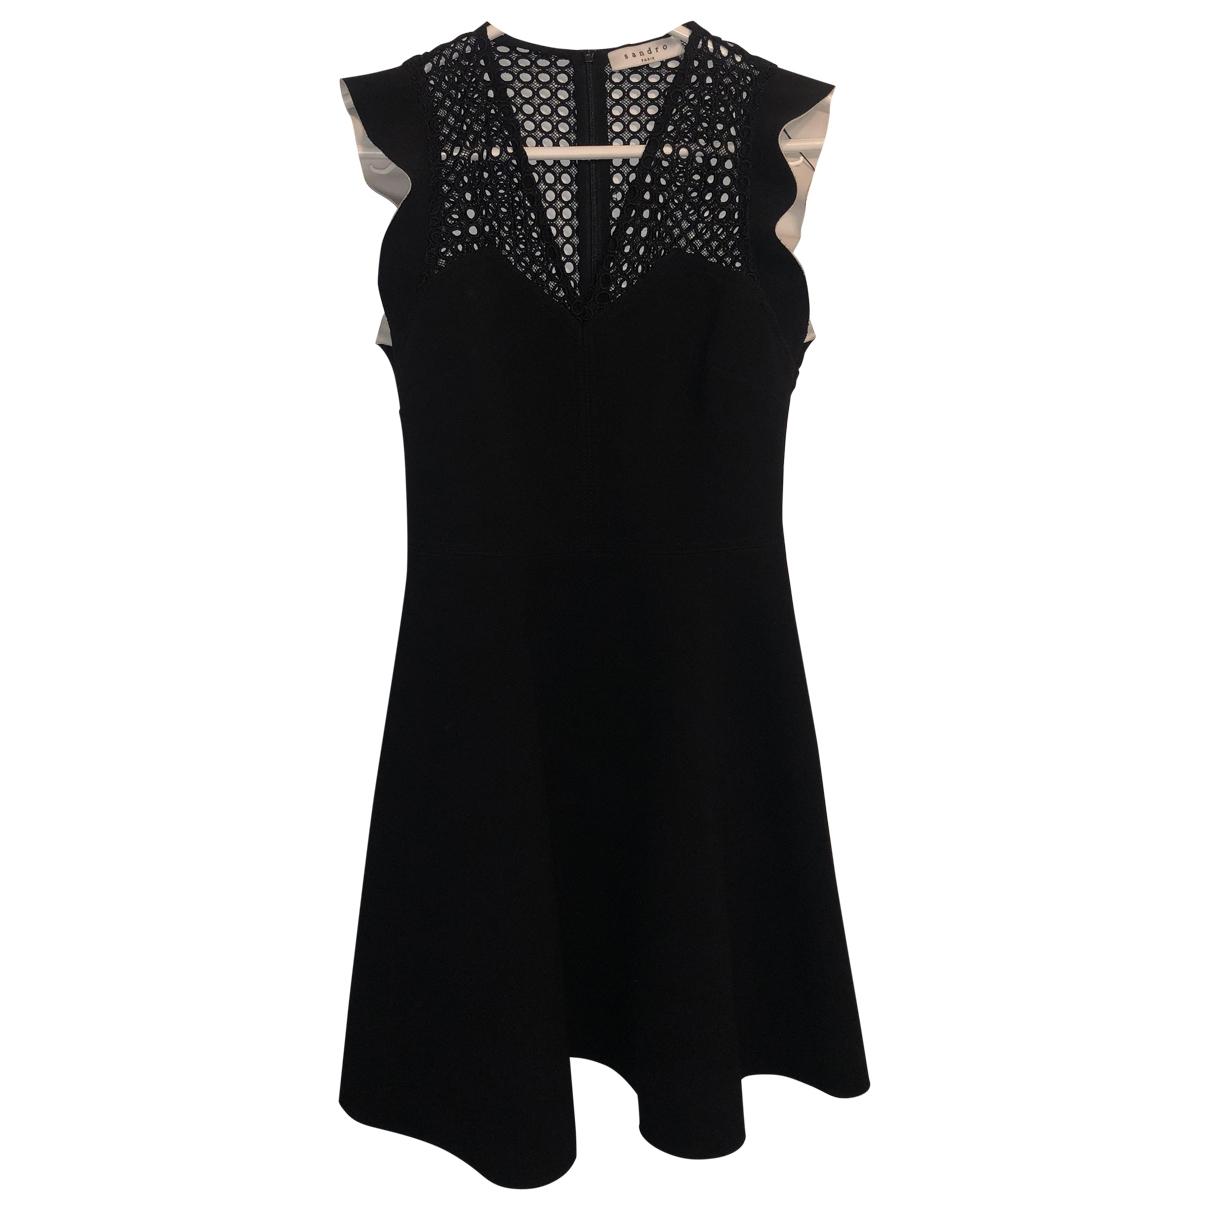 Sandro \N Black dress for Women 1 US